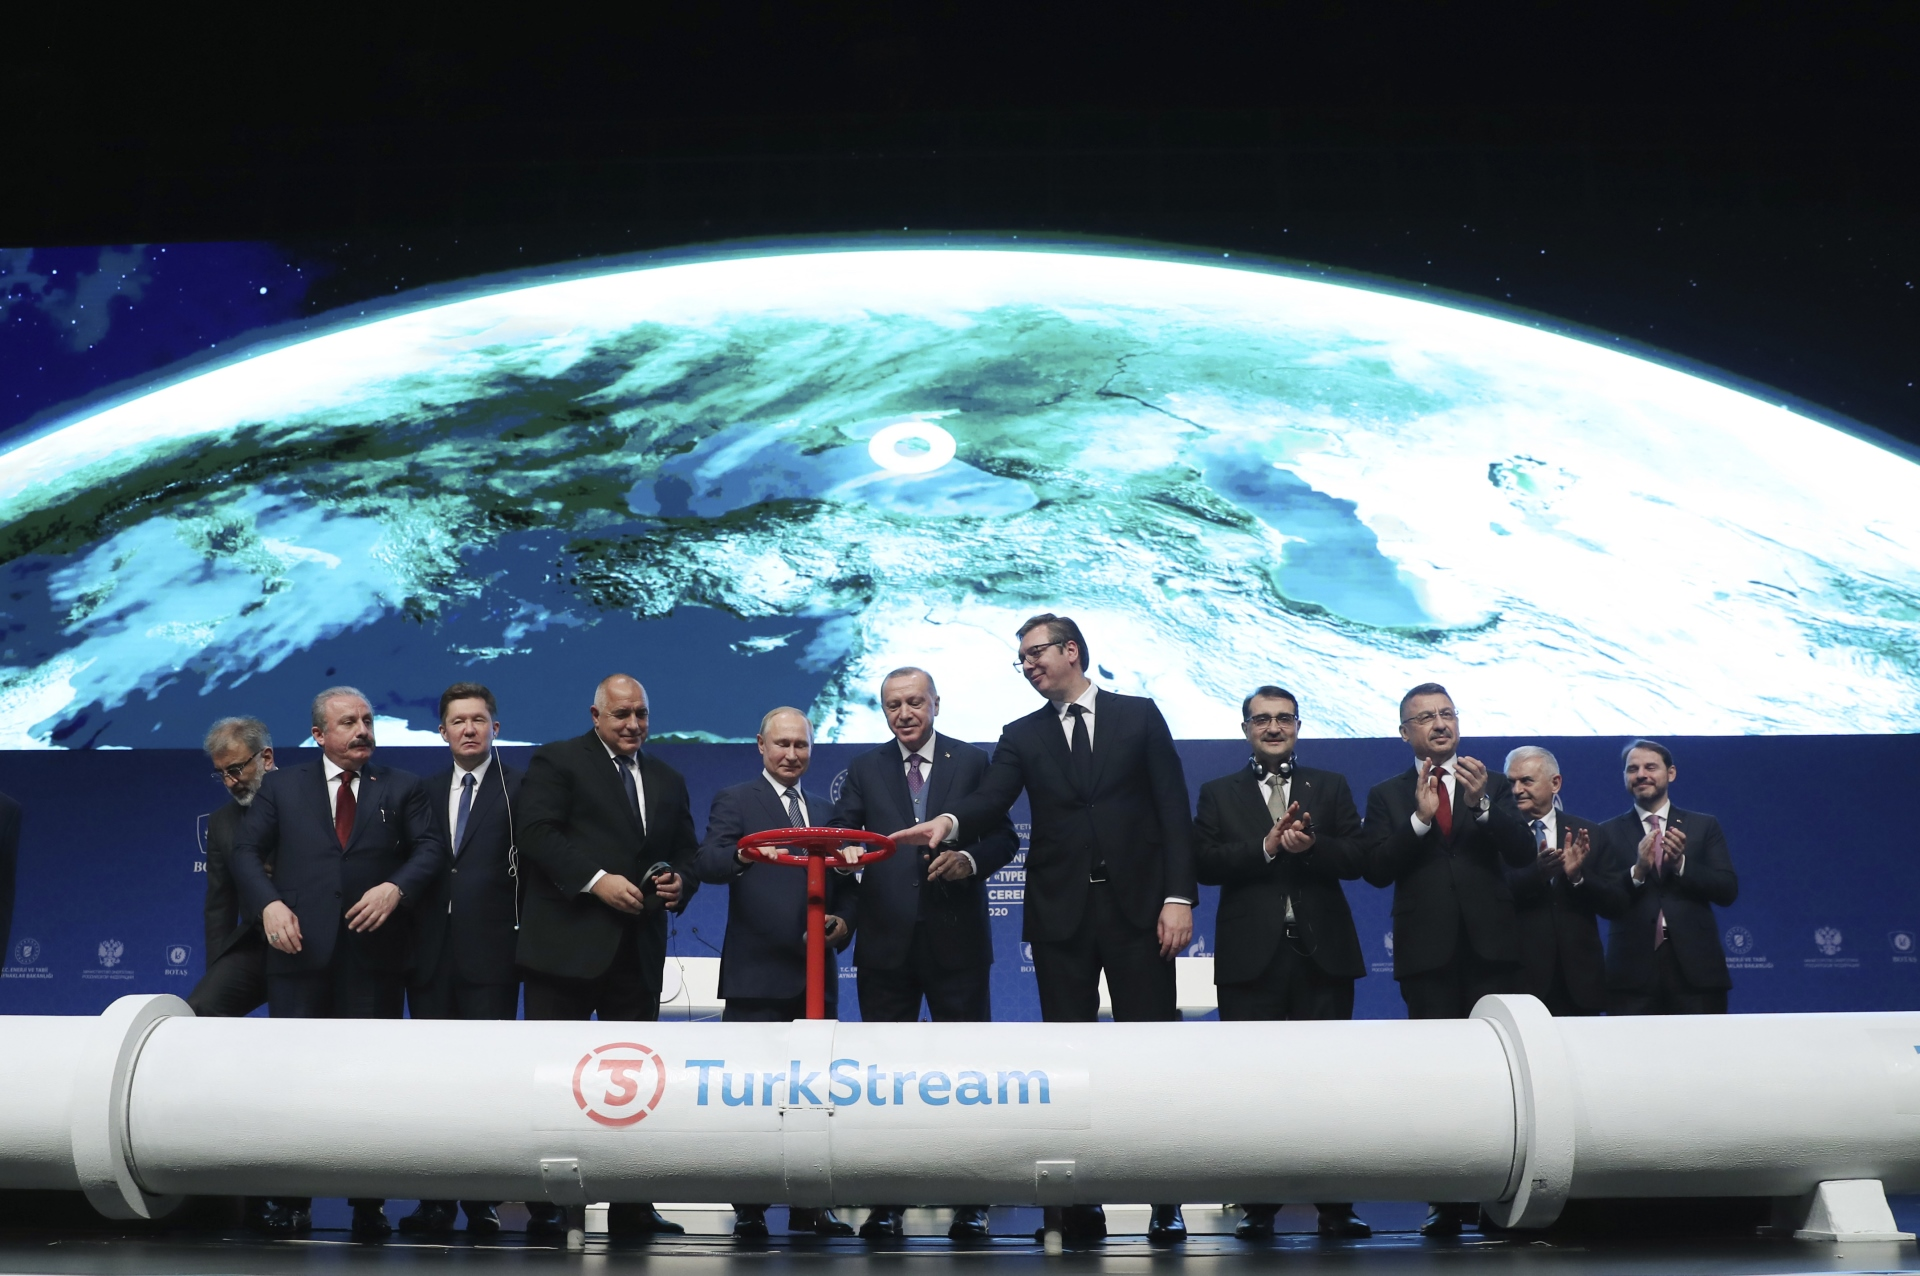 """Vučić, Erdogan, Putin i Borisov na svečanosti povodom puštanja u rad deonice gasovoda """"Turski tok"""" u Istanbulu"""